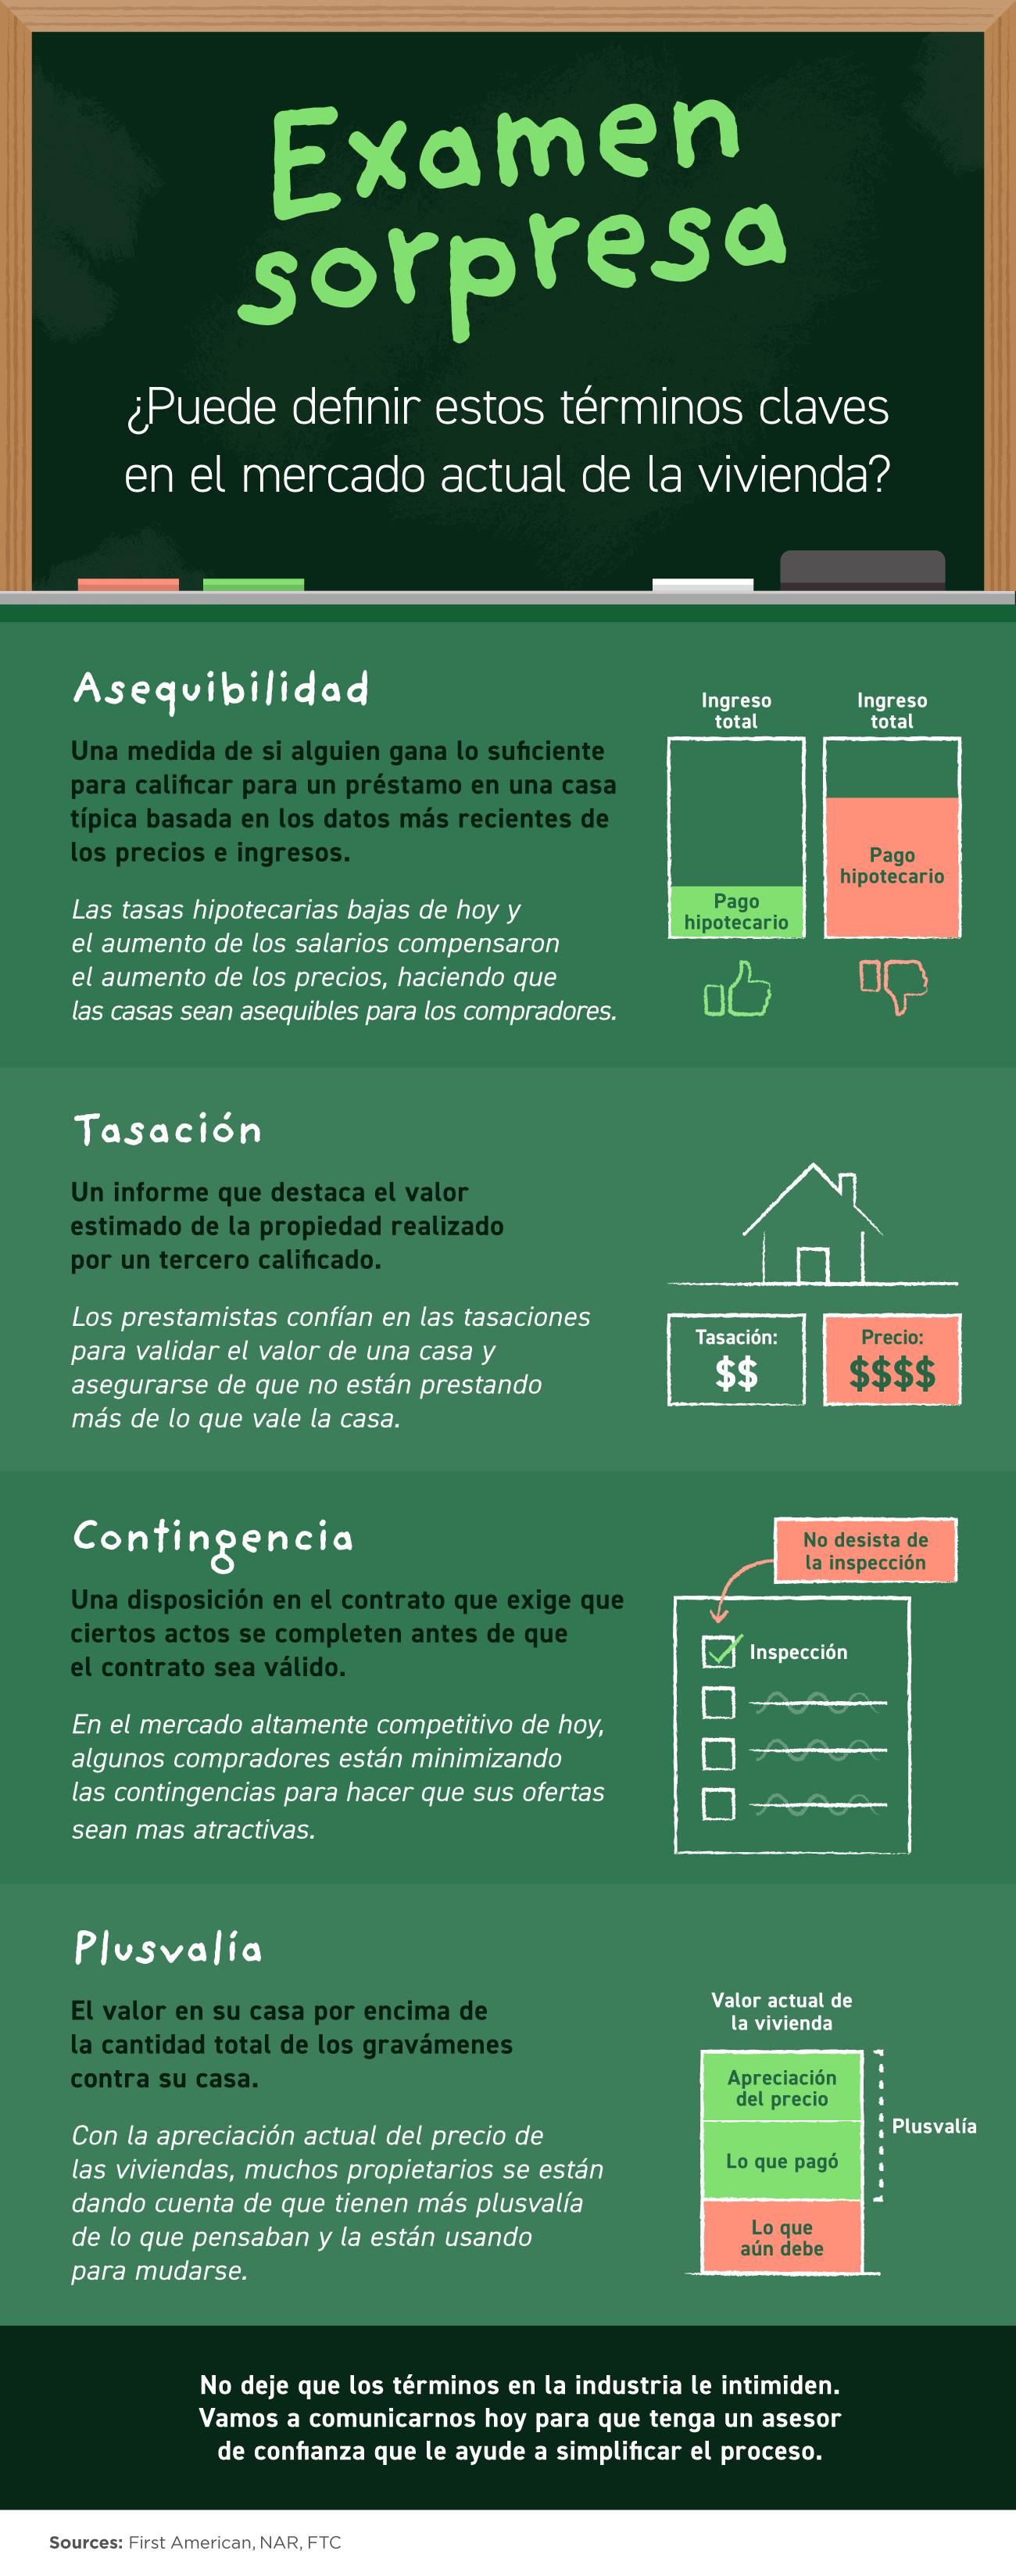 Examen sorpresa: ¿Puede definir estos términos claves en el mercado actual de la vivienda? [infografía]   Simplifying The Market